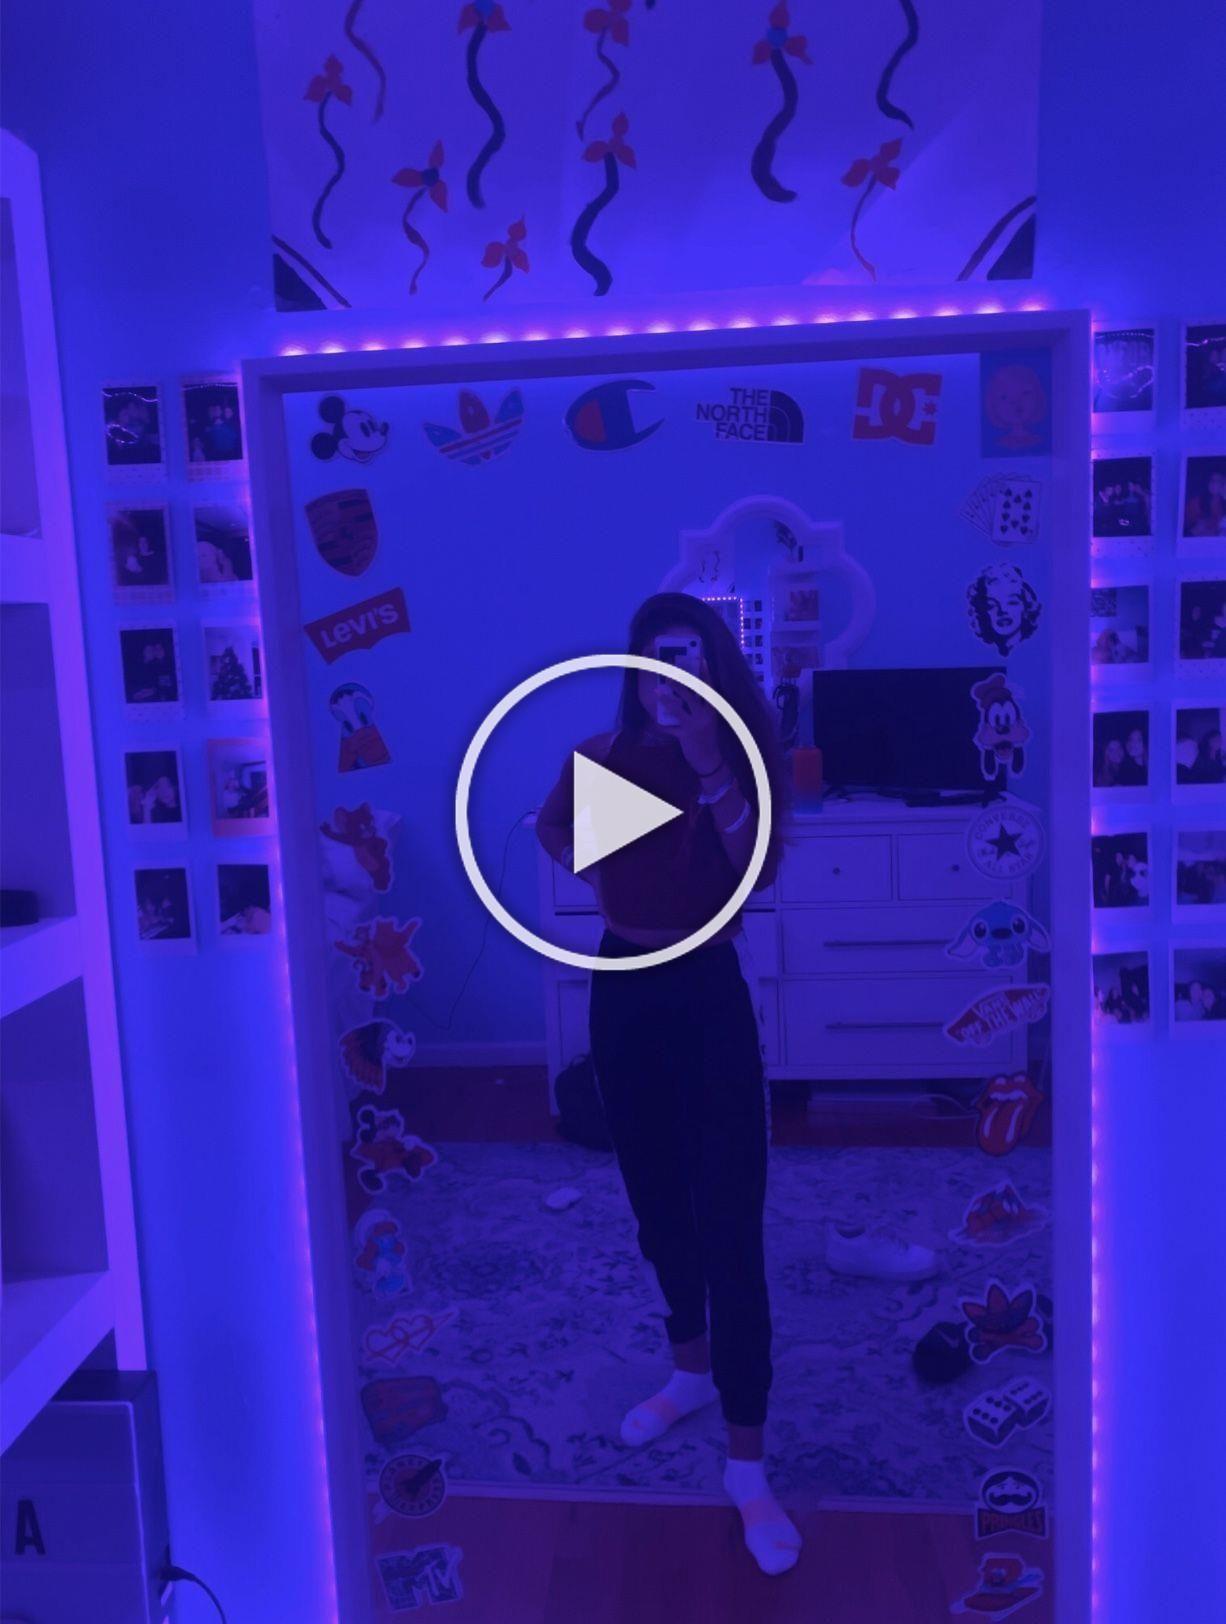 Pink Ceiling Light Ideas Home Lighting Design Ideas Led Strip Lights Bedroom Led Lighting Bedroom Bedroom Diy